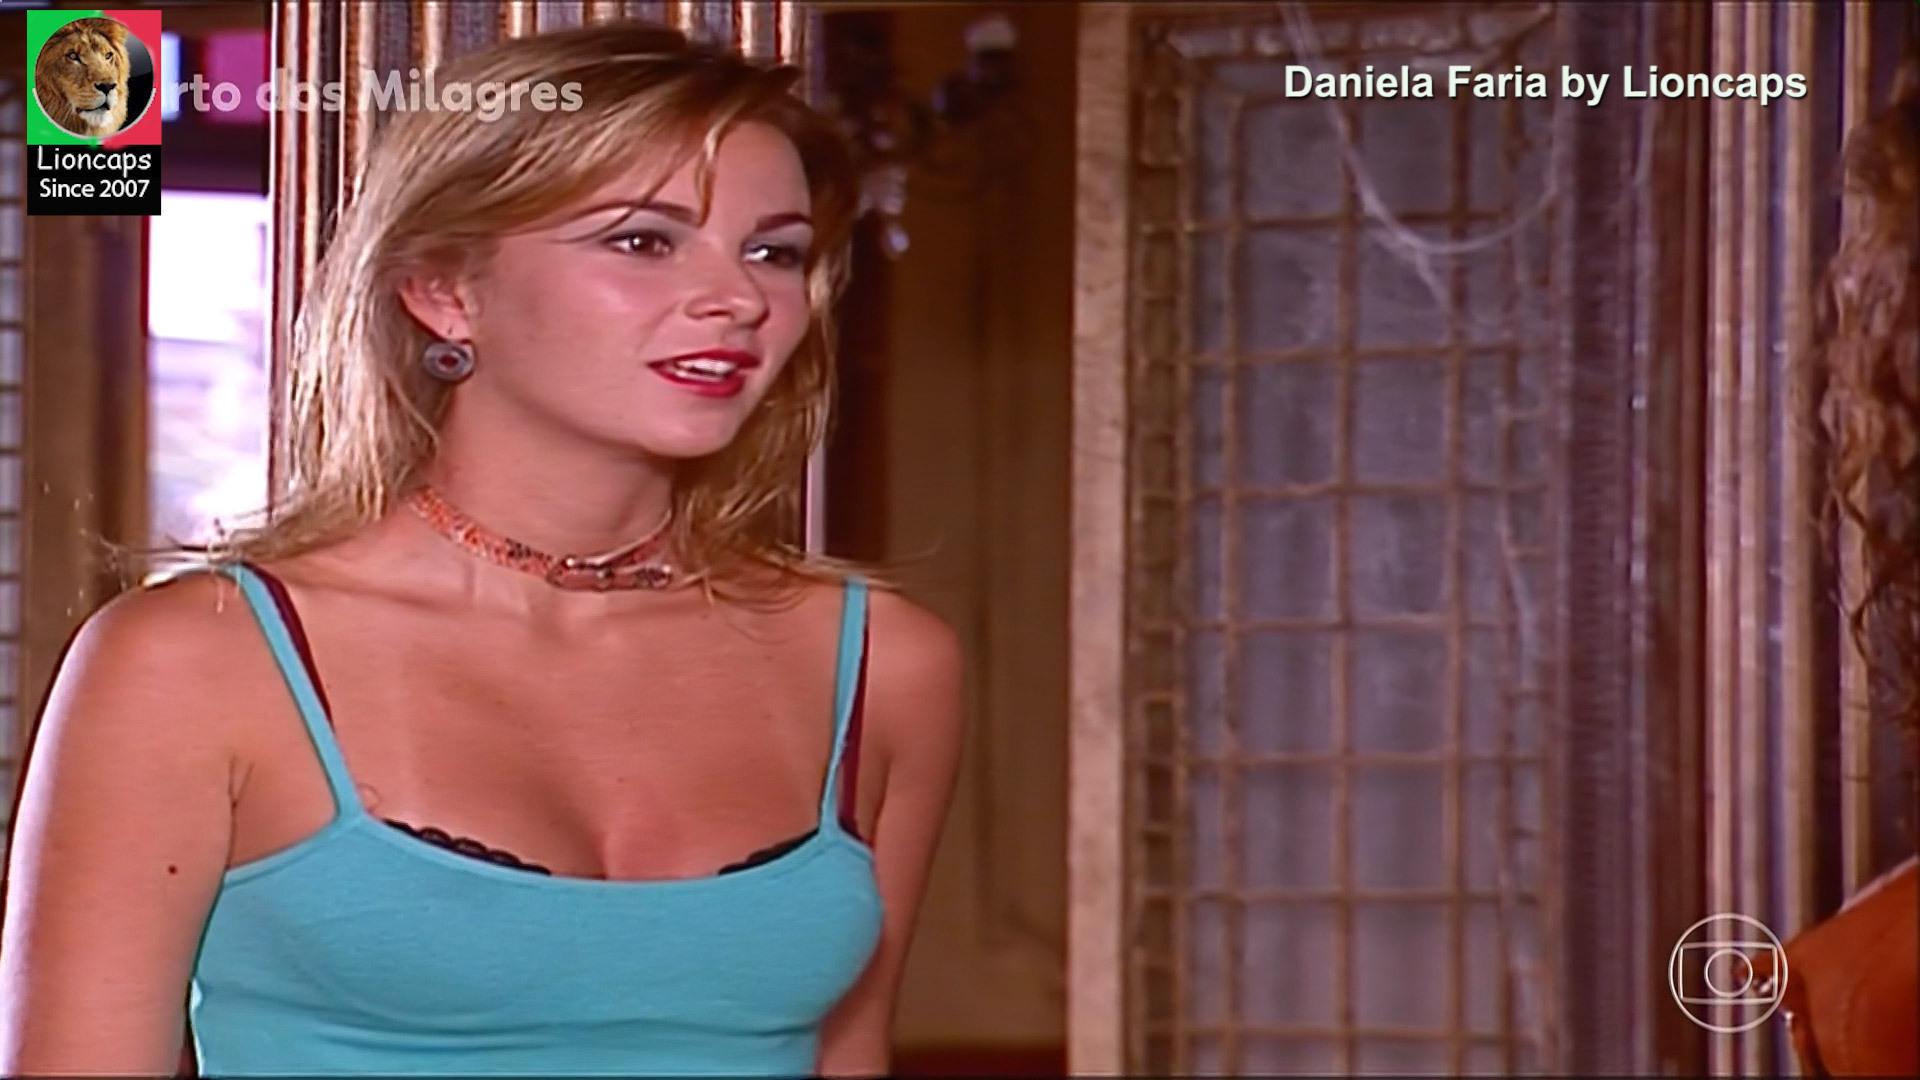 daniela_faria (9).jpg